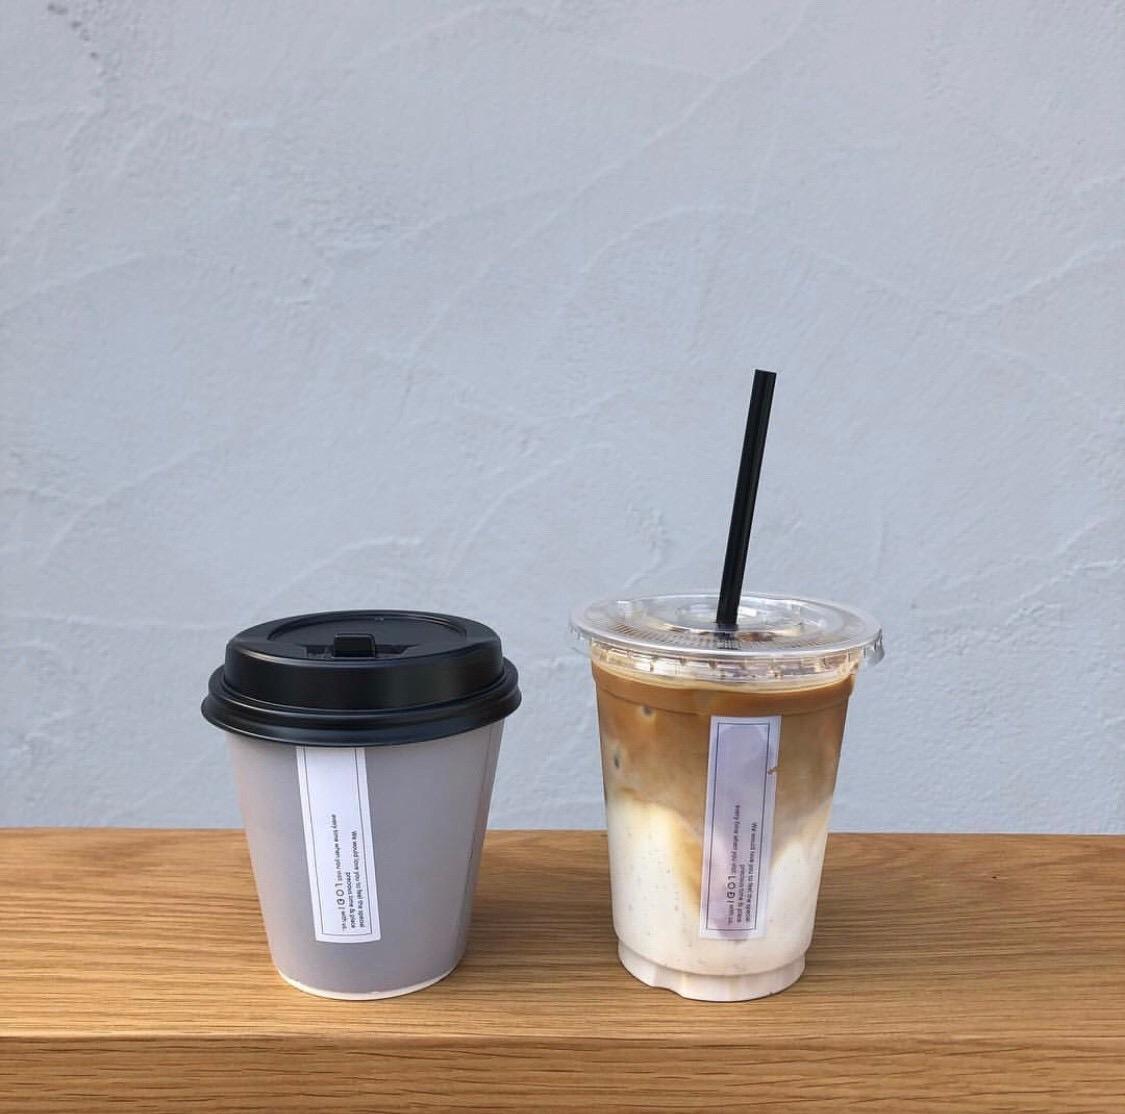 【プラカップ・紙コップ】テイクアウト 使い捨てカップ コーヒーカップ 三重紙コップ 断熱グレー共通86口径リッドカップ12オンス【1000個】